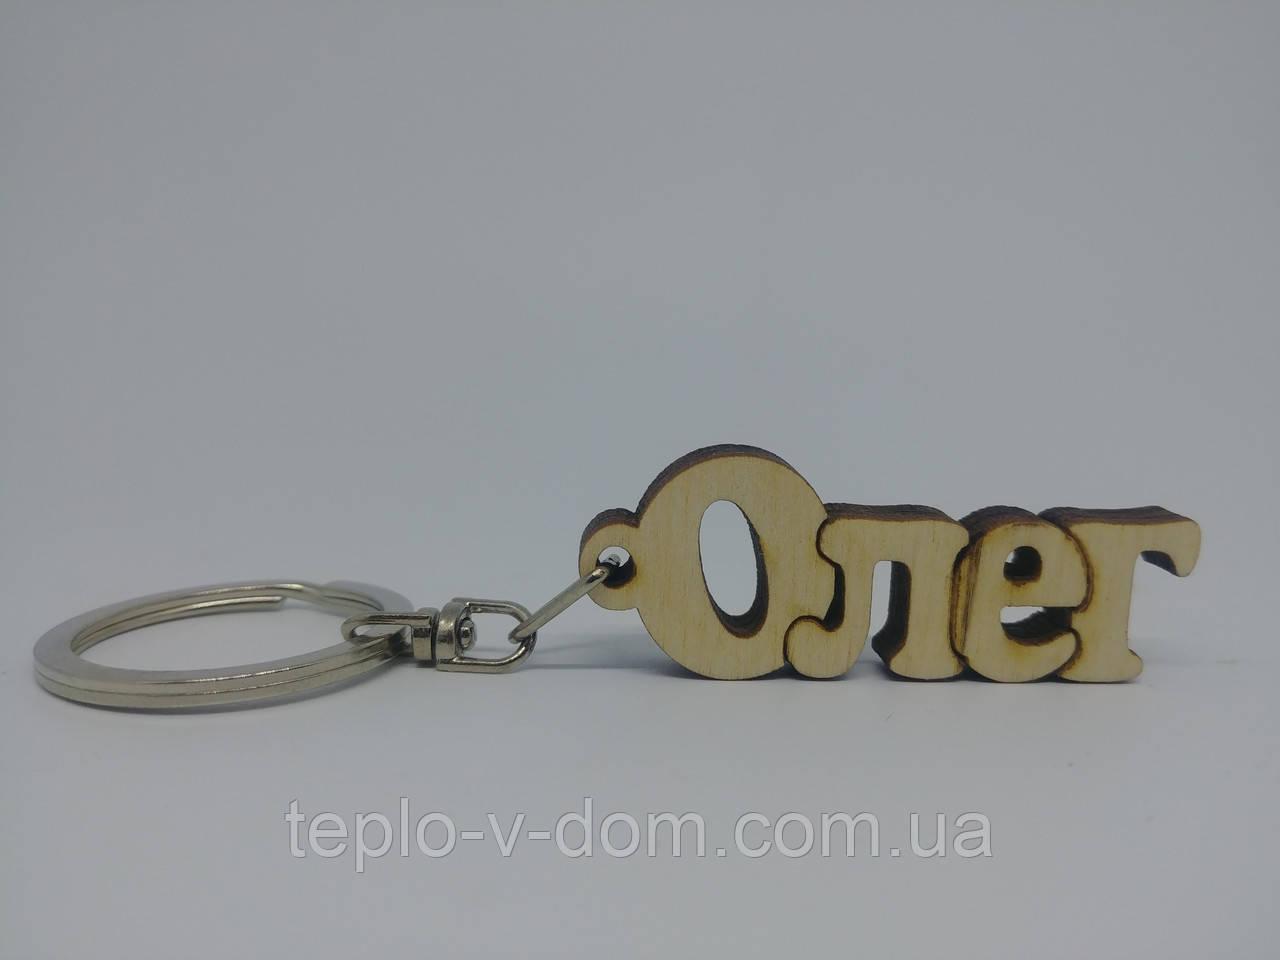 Дерев'яний брелок Олег (10шт)